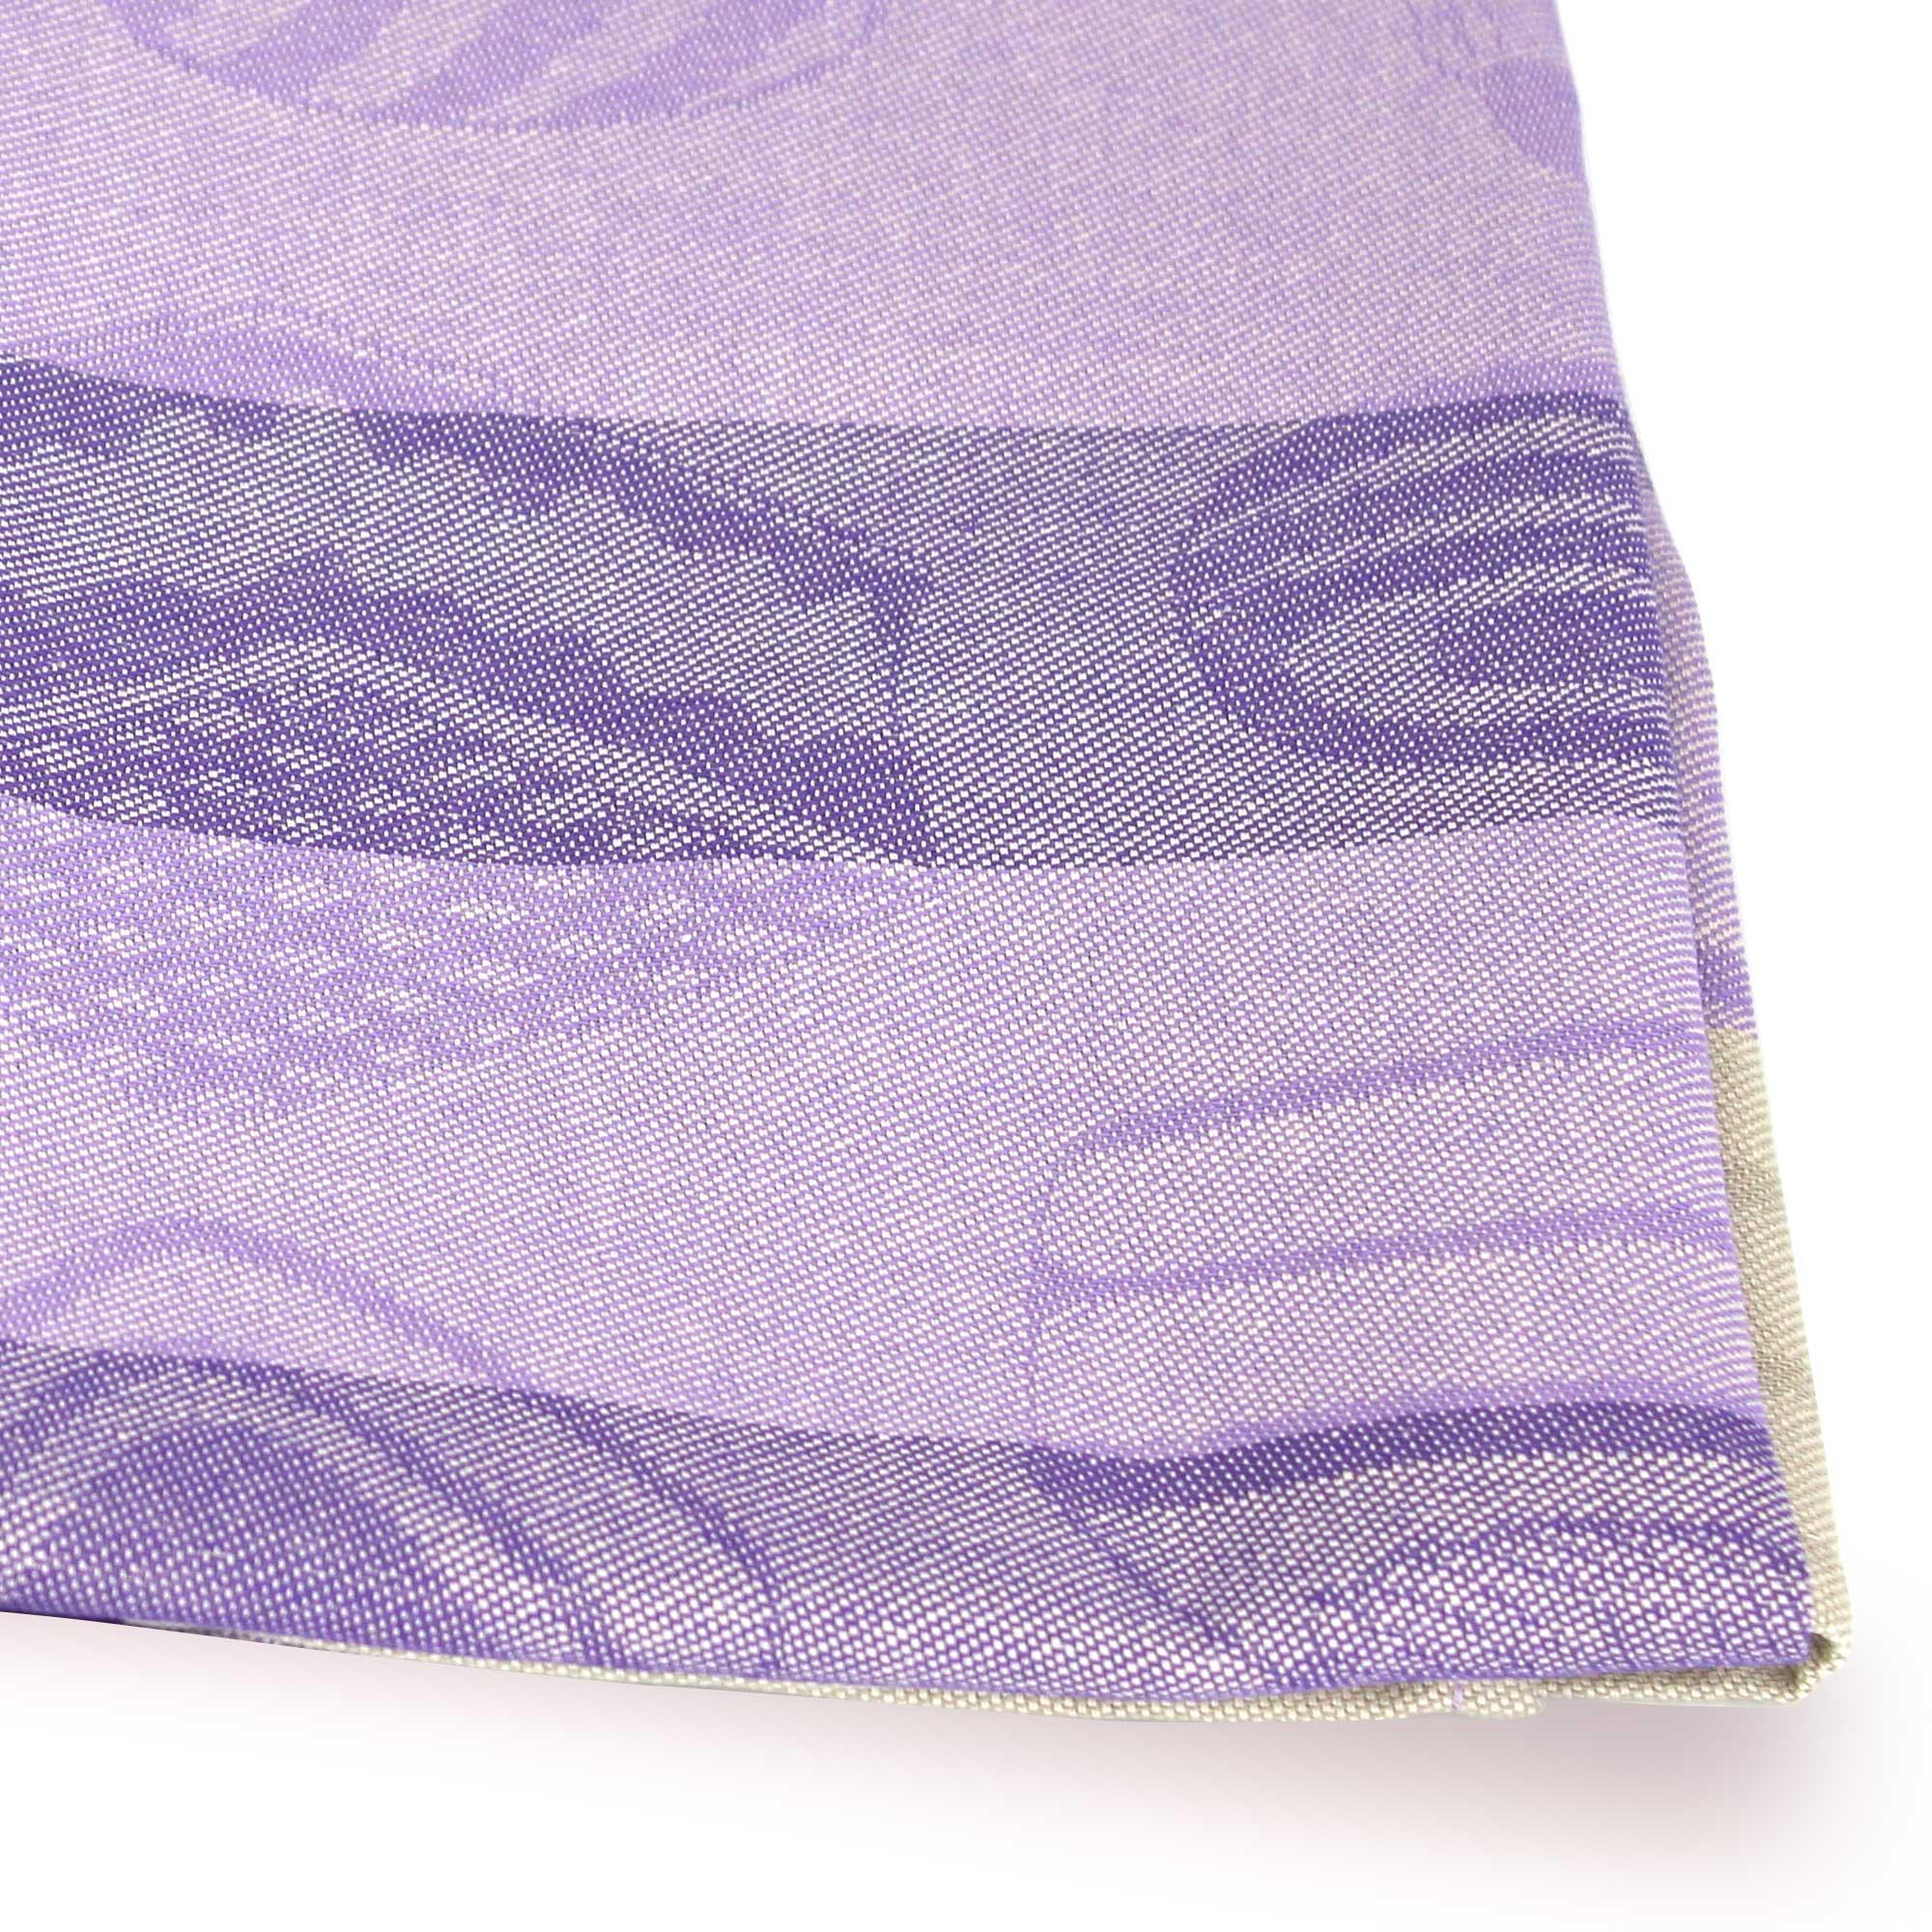 torchon de cuisine toile 50x70 cm cakes violet linnea linge de maison et. Black Bedroom Furniture Sets. Home Design Ideas